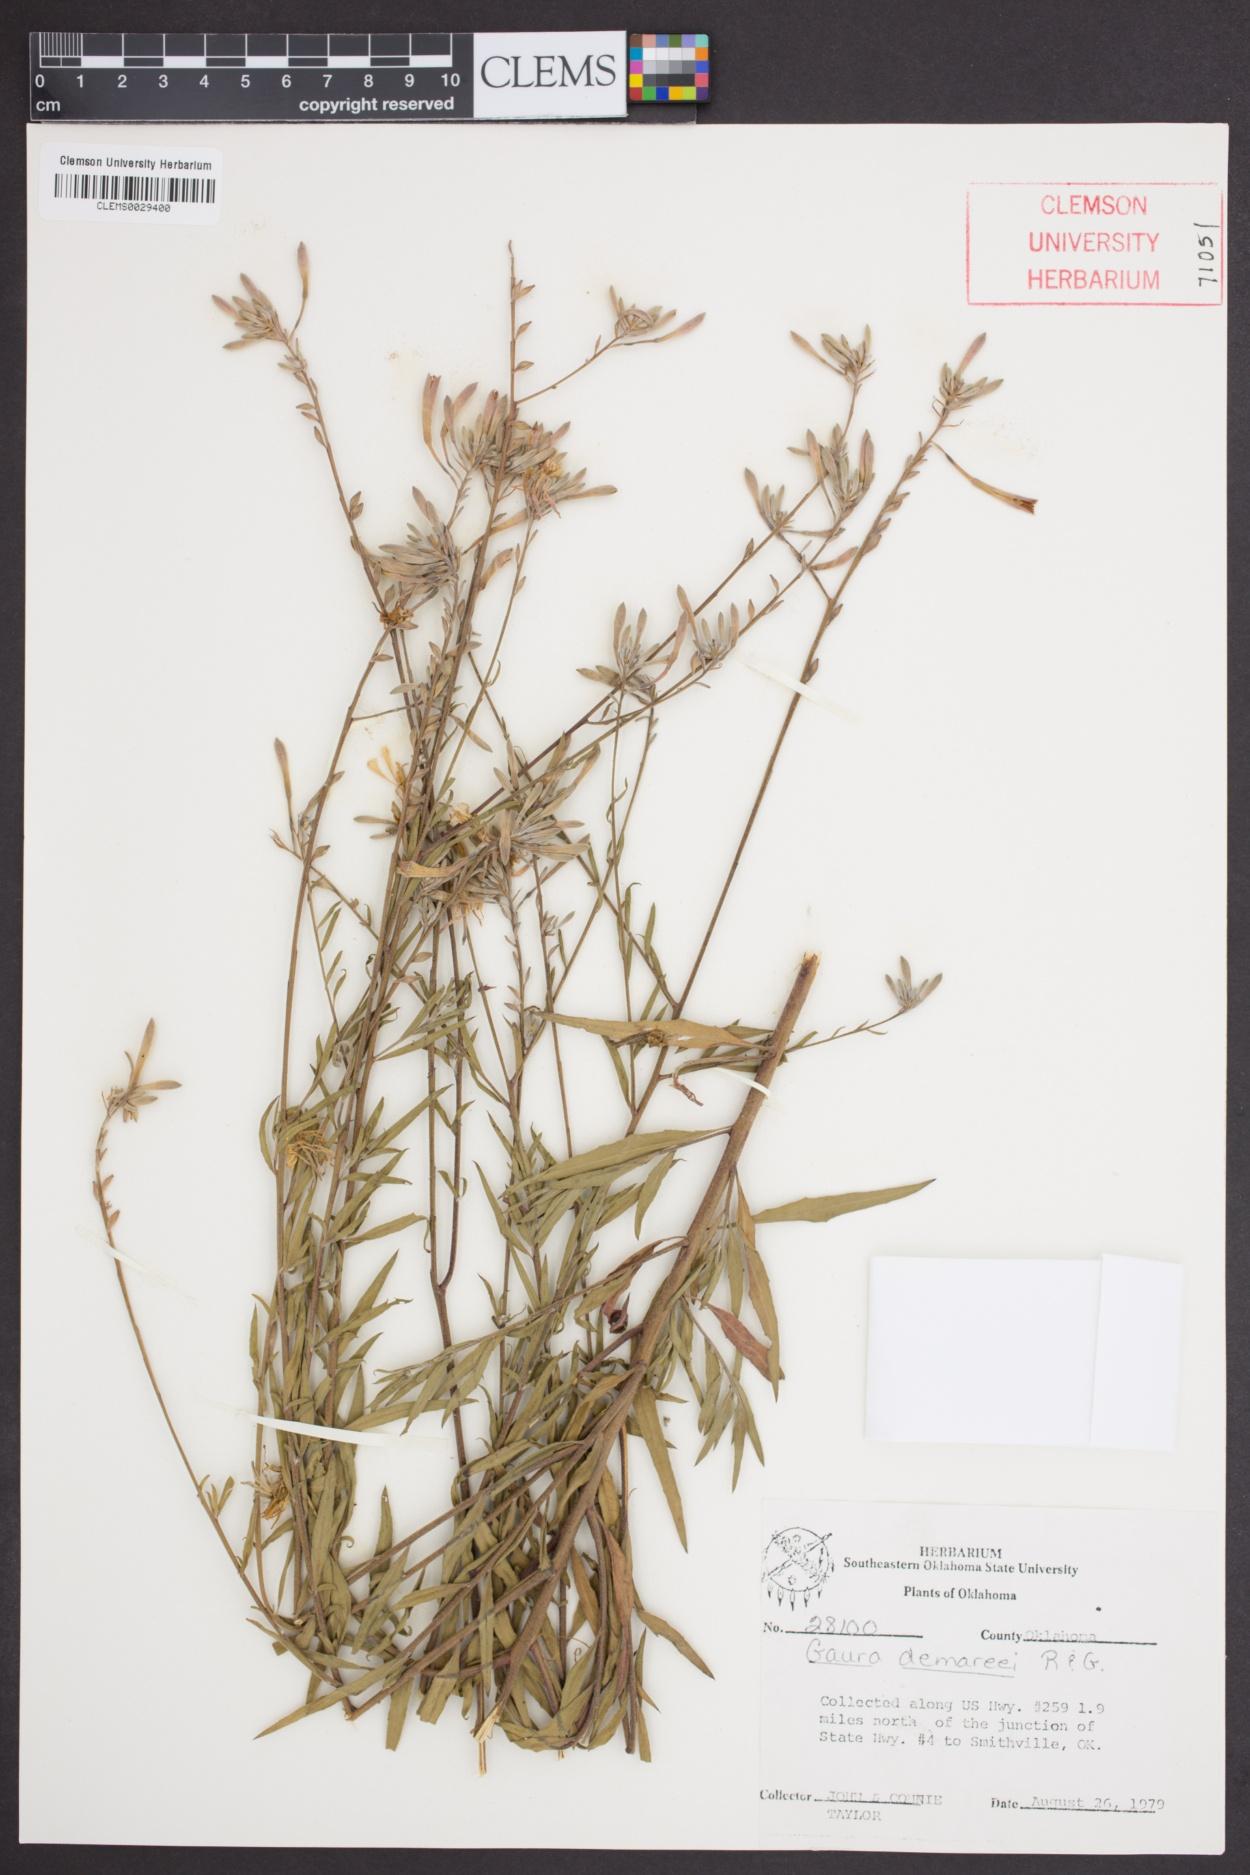 Oenothera demareei image